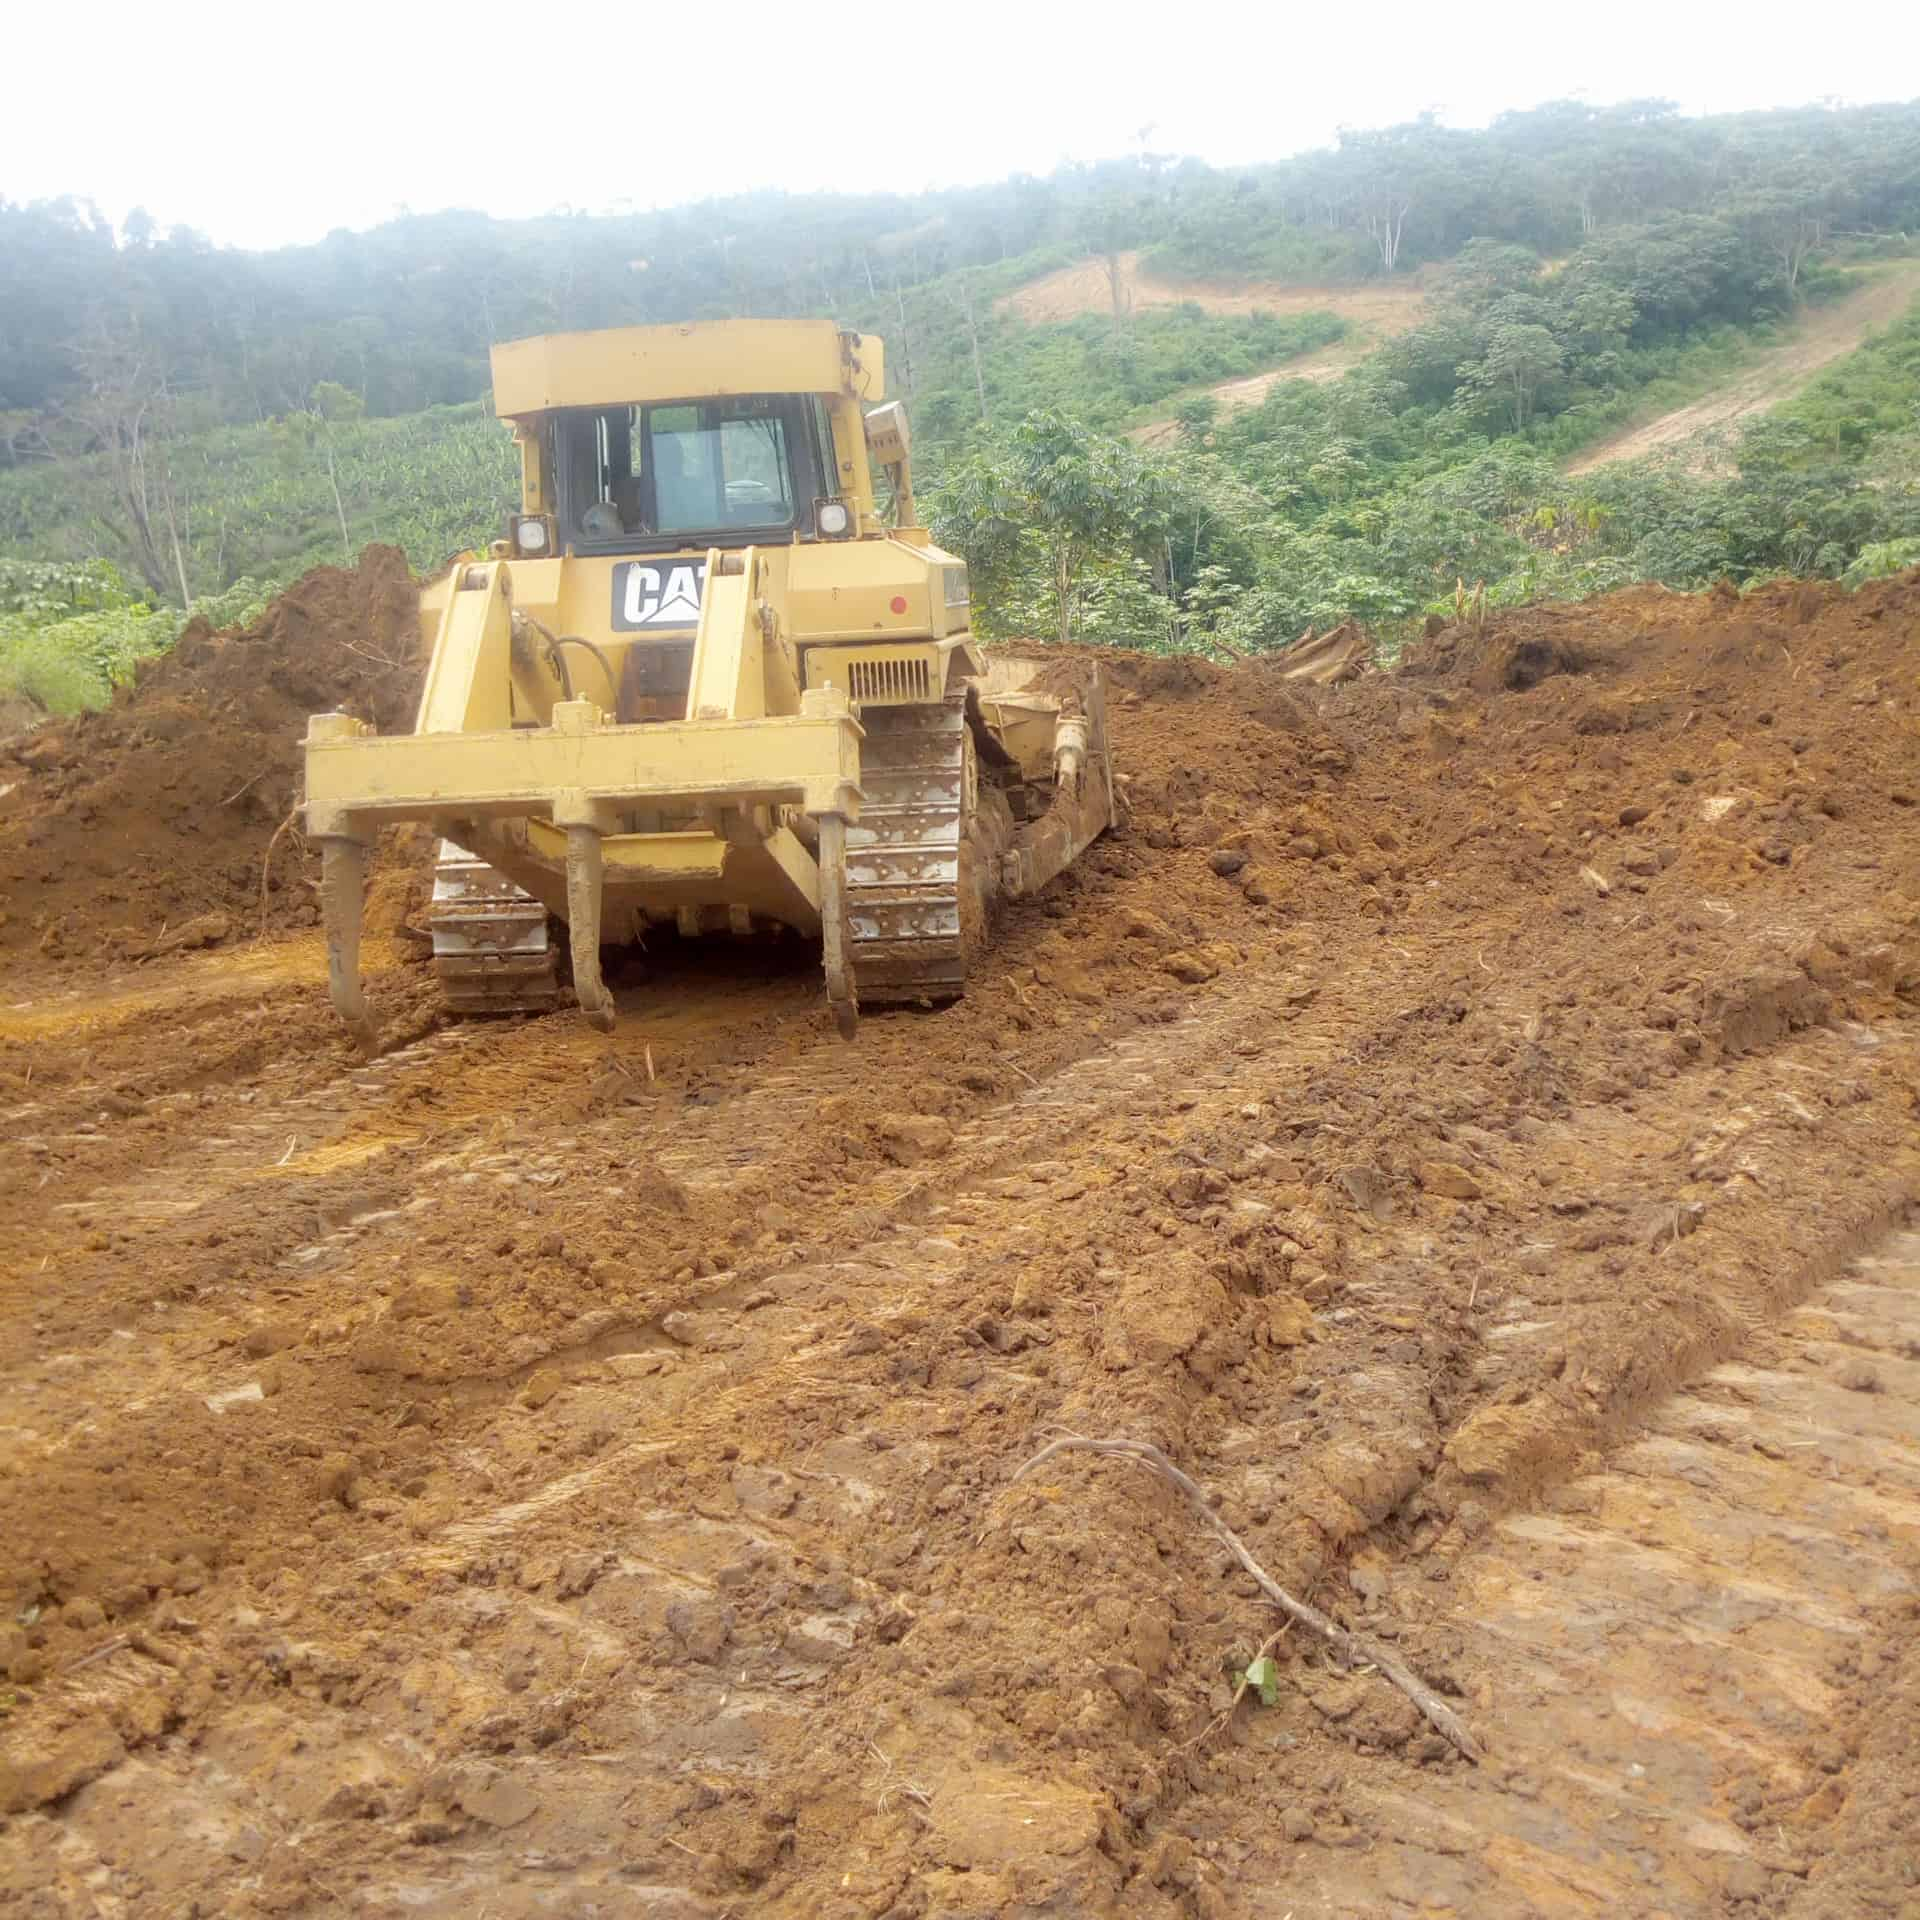 Land for sale at Douala, PK 27, Pk27 - 40000 m2 - 7 000 000 FCFA